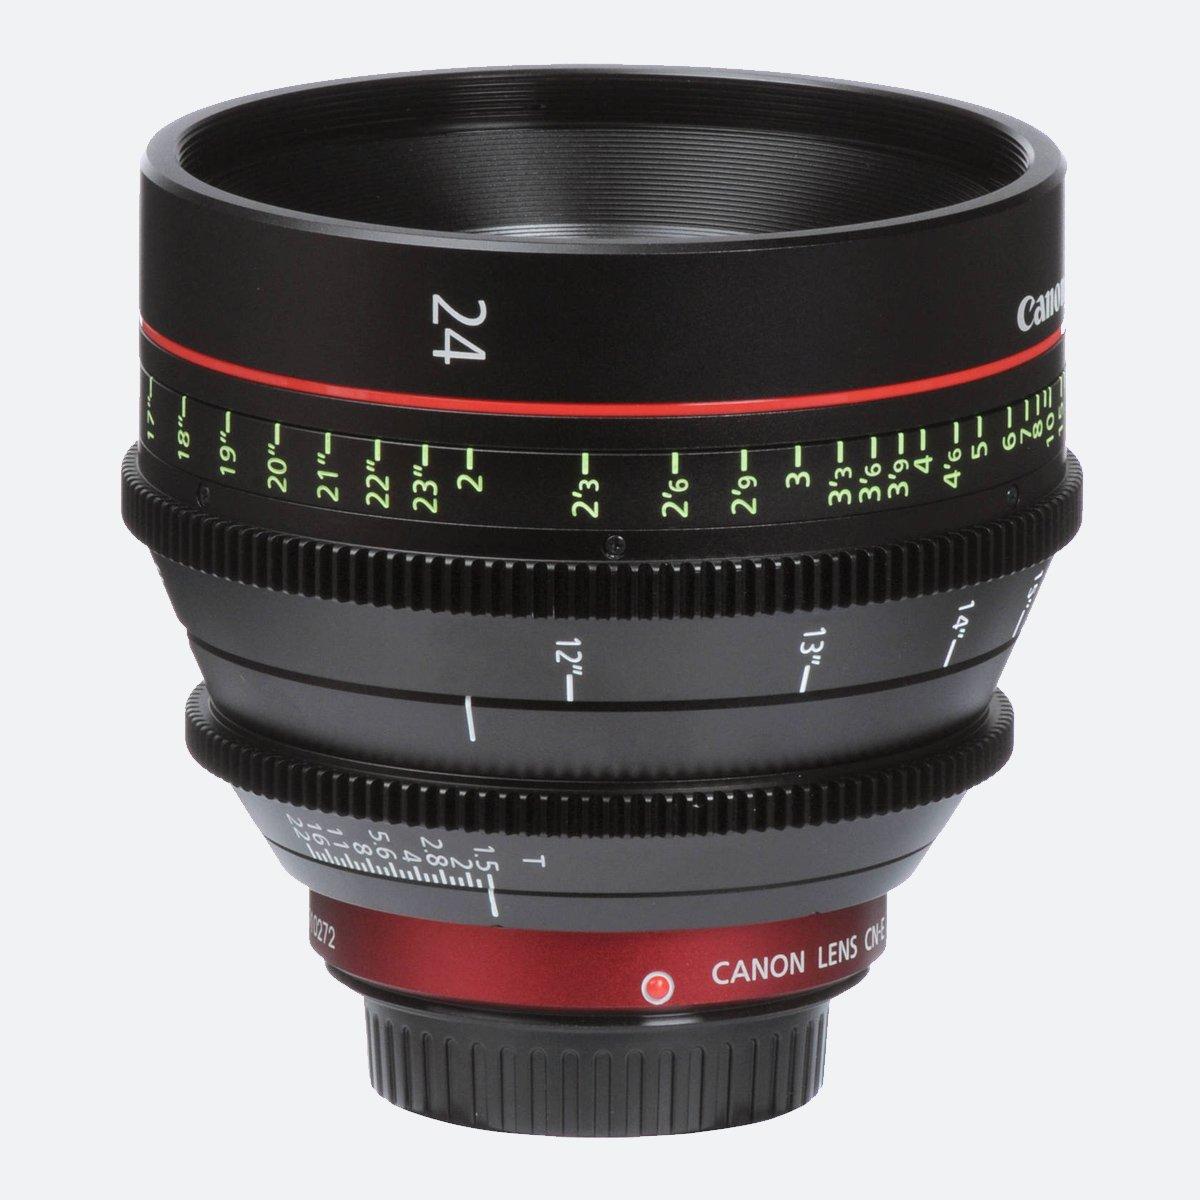 Canon CN-E 24mm T1.5 L F Cinema Prime Lens